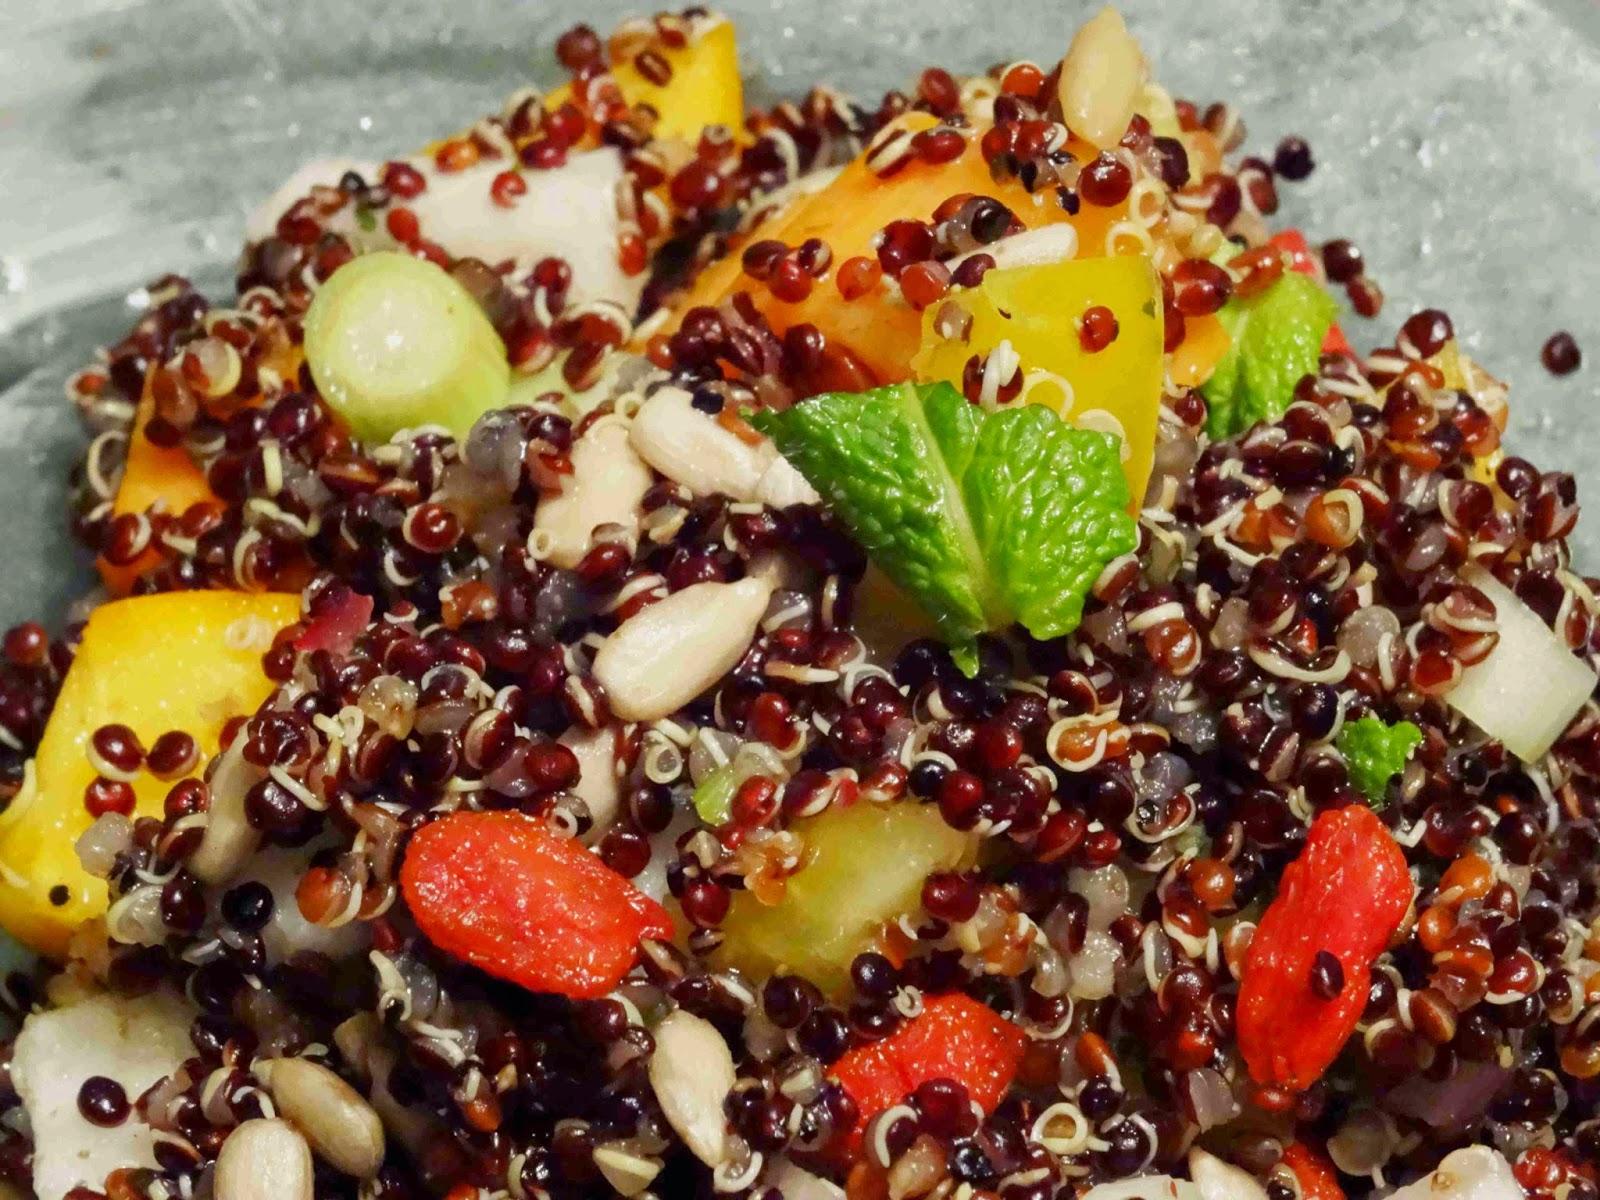 Dunkler Quinoa-Salat mit Avocado-Sesam-Dip